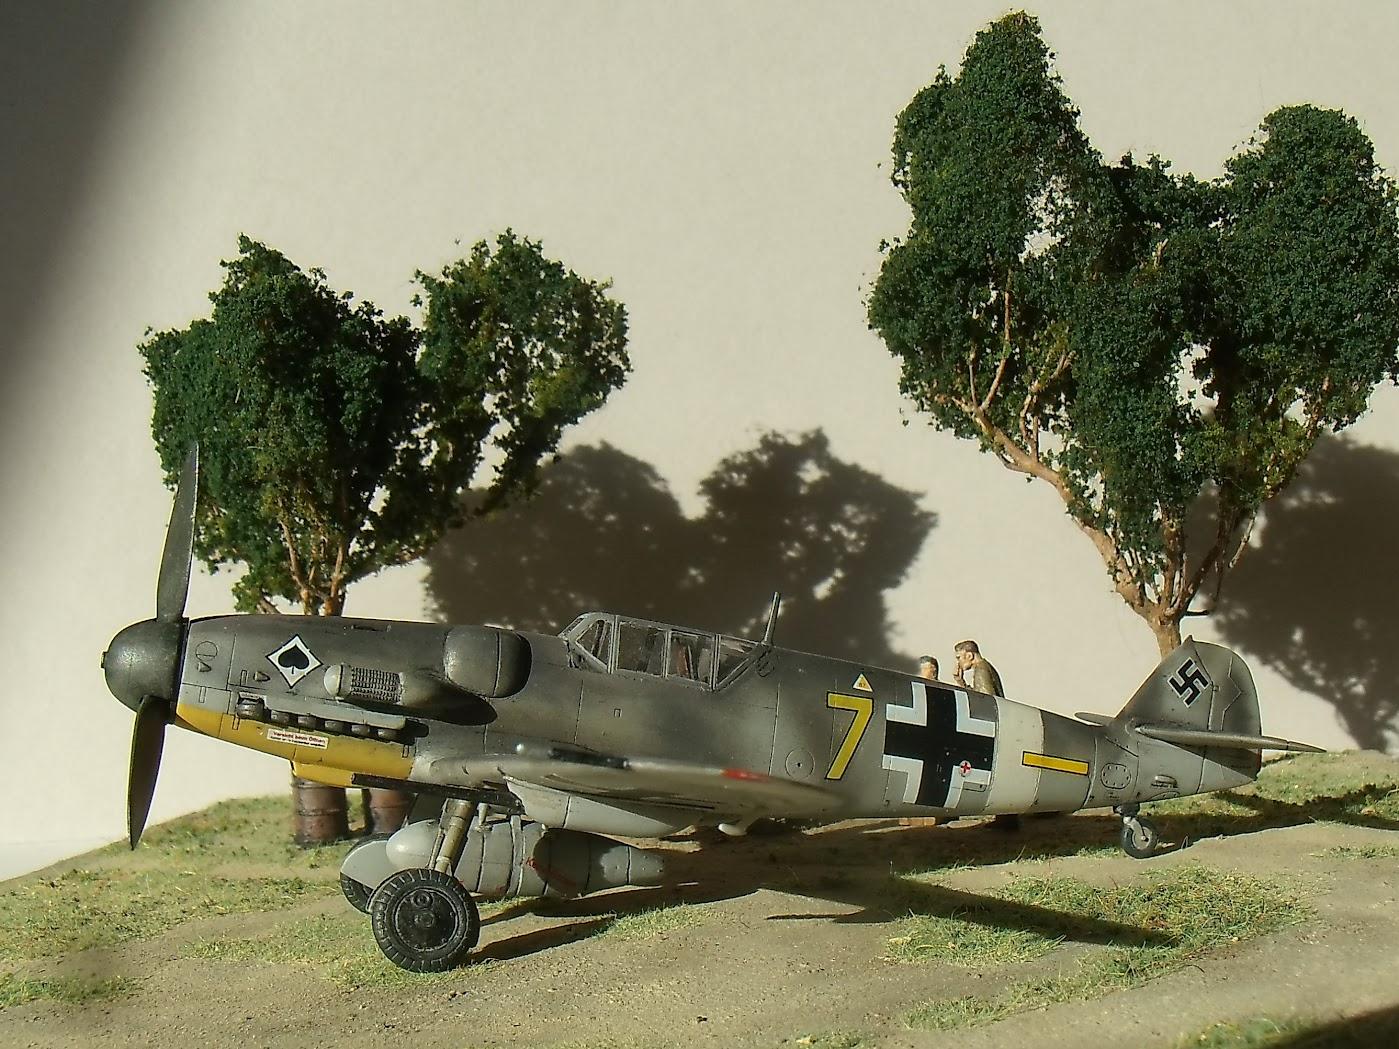 [Academy] Messerschmitt Bf-109G-6 RZTOkkxtCWMgVj60KAJLkTxSmpSUqvo6WD_hzOOcqdehSV6c720zaIjLX7JryOfacHIa-umiDeP-bfq9IWkEBuZrI9At25W4nMF4Zk5G3Ure7EmOGyPgcOwPq21o9N8naWOfr_-xkT615ab-krZvrqKuz5CQ4GyD9t9DtXLVe2S0SIcUE332w0xYmNuShK7JpaEbyhcu0cjejq9GelbLciC9a7z28Is2MrQbjXMzRUlsZkpCWtqmicZZFxoPRdnggr9F5d6qxOG4FxC07REwSQJ52UjeZaWpMzqt9DVkp2unRoiHIYdWwbDkXVech6anuyIXuJ8M48_5c19LNh2_uY2qj181mrLeYjKu3EWzCYsKpxRE0XYxsqbRYIVSmFwb3MD59UWw7EvOerCNBeU0V3B1uMcMTshNX3gdNQPQV6eneEtPOwQvbNbEAHyT0TwGfF8I7umXenr4cu7yl8U7blMVxUppo9sRVlFU1gzLPjOAJSX3ibTaQ99CR5K6aAmyRTjUoKdt4QrxAwXnlpIqM3TRXfZfcK6CWnDxzOesNTXES3_KIiNLKMNo1MxqzsvqdY2U5p4s9fGujxPv01m6zx3avTweaX7Gft0ZiZrK194du7XnHCF6wXZfOijVwXgHZUFk21mliGEAtjgGPvfhBkS5fpTJxeP1bgDKU4urxRwQpTL3OIiMX868fCTGtBCEkLRk0-GEOo4fYXs8UGbxIhh7HQ_GDe6yfTI7cdNls6XF1W7nUaWHgeJM=w1400-h1049-no